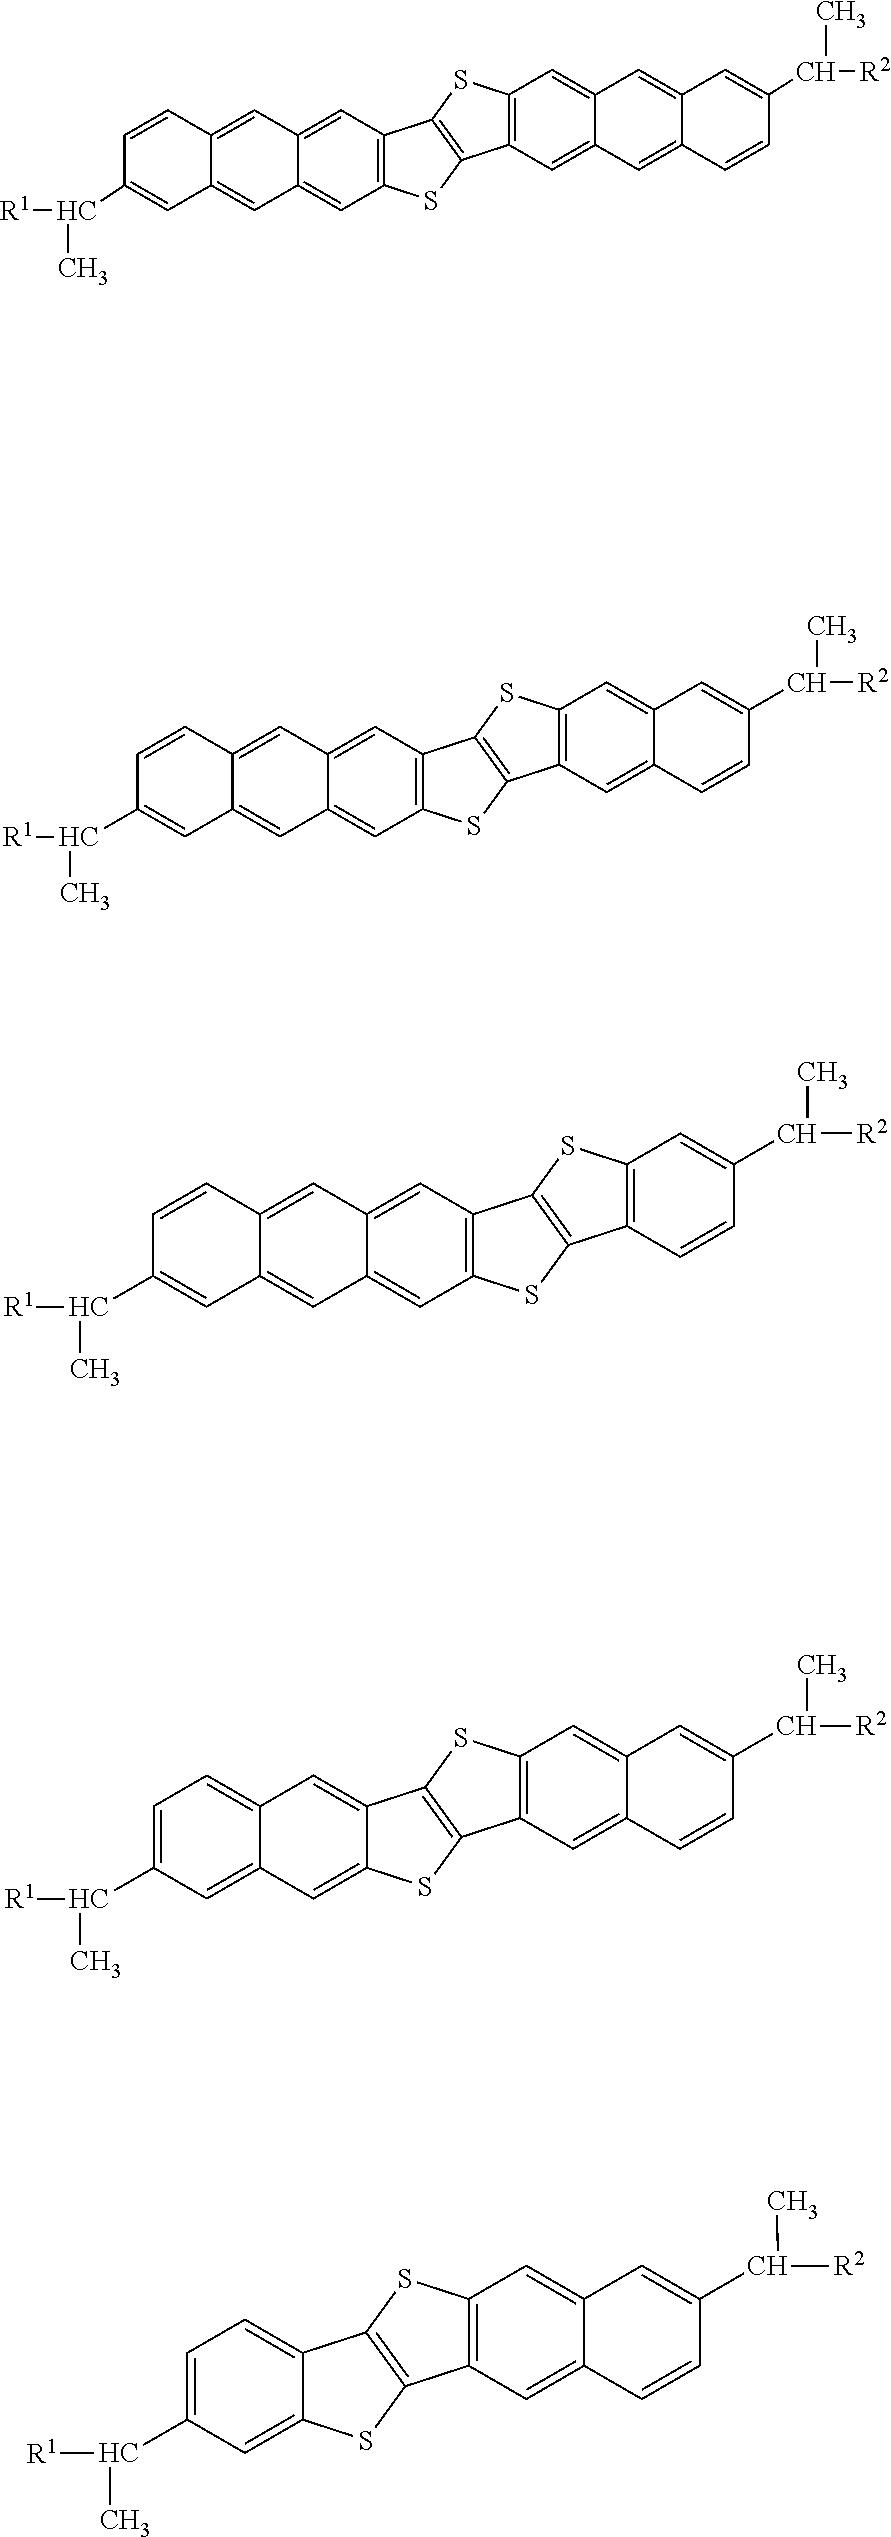 Figure US09911927-20180306-C00008